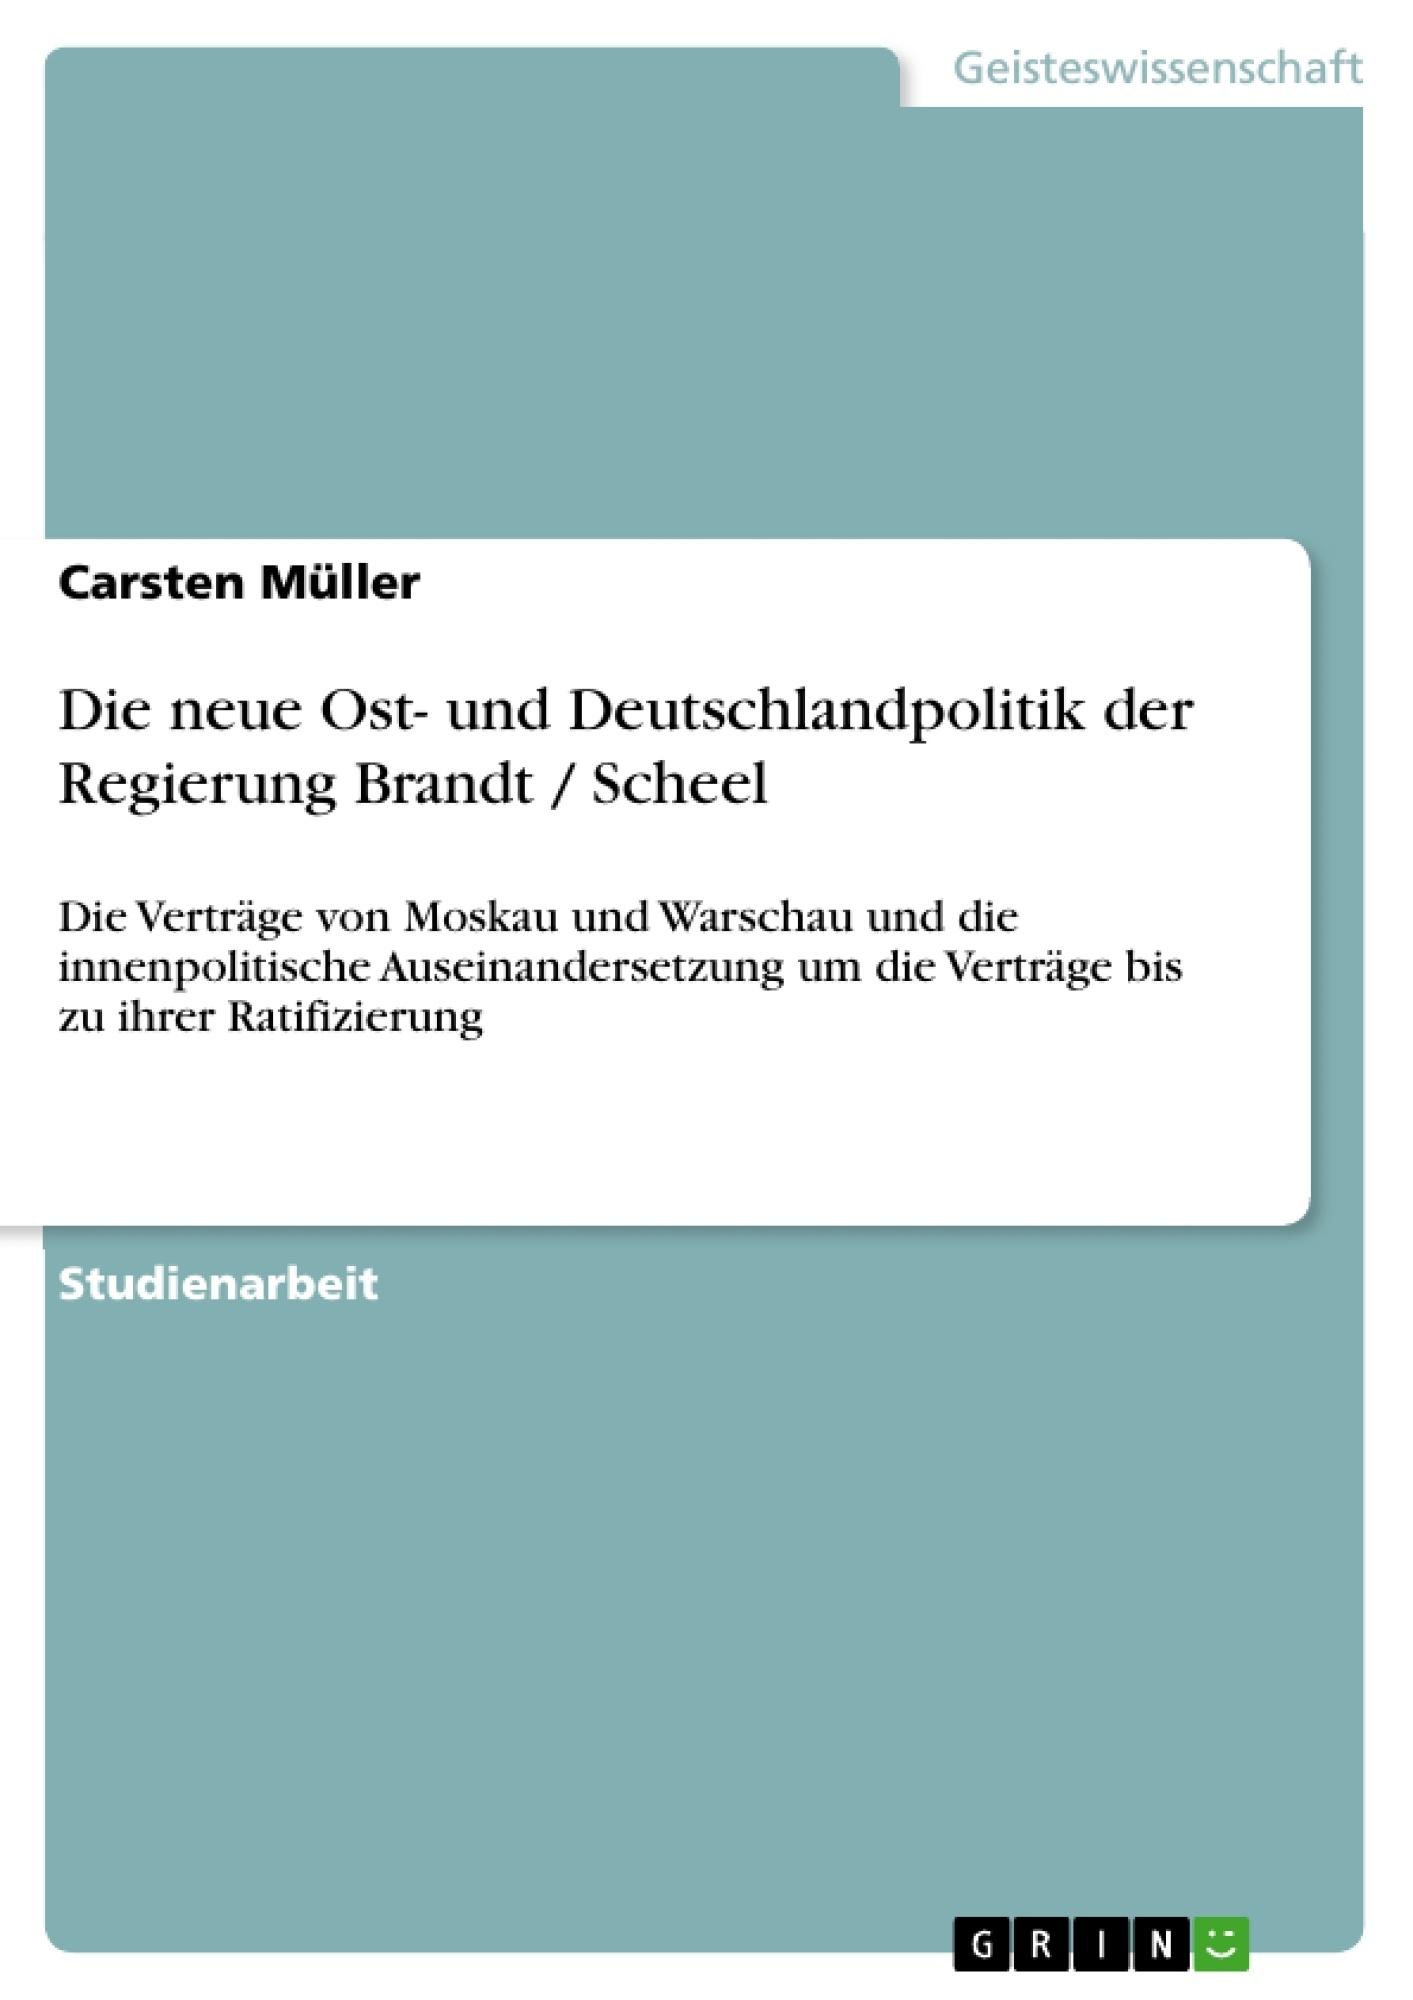 Titel: Die neue Ost- und Deutschlandpolitik der Regierung Brandt / Scheel